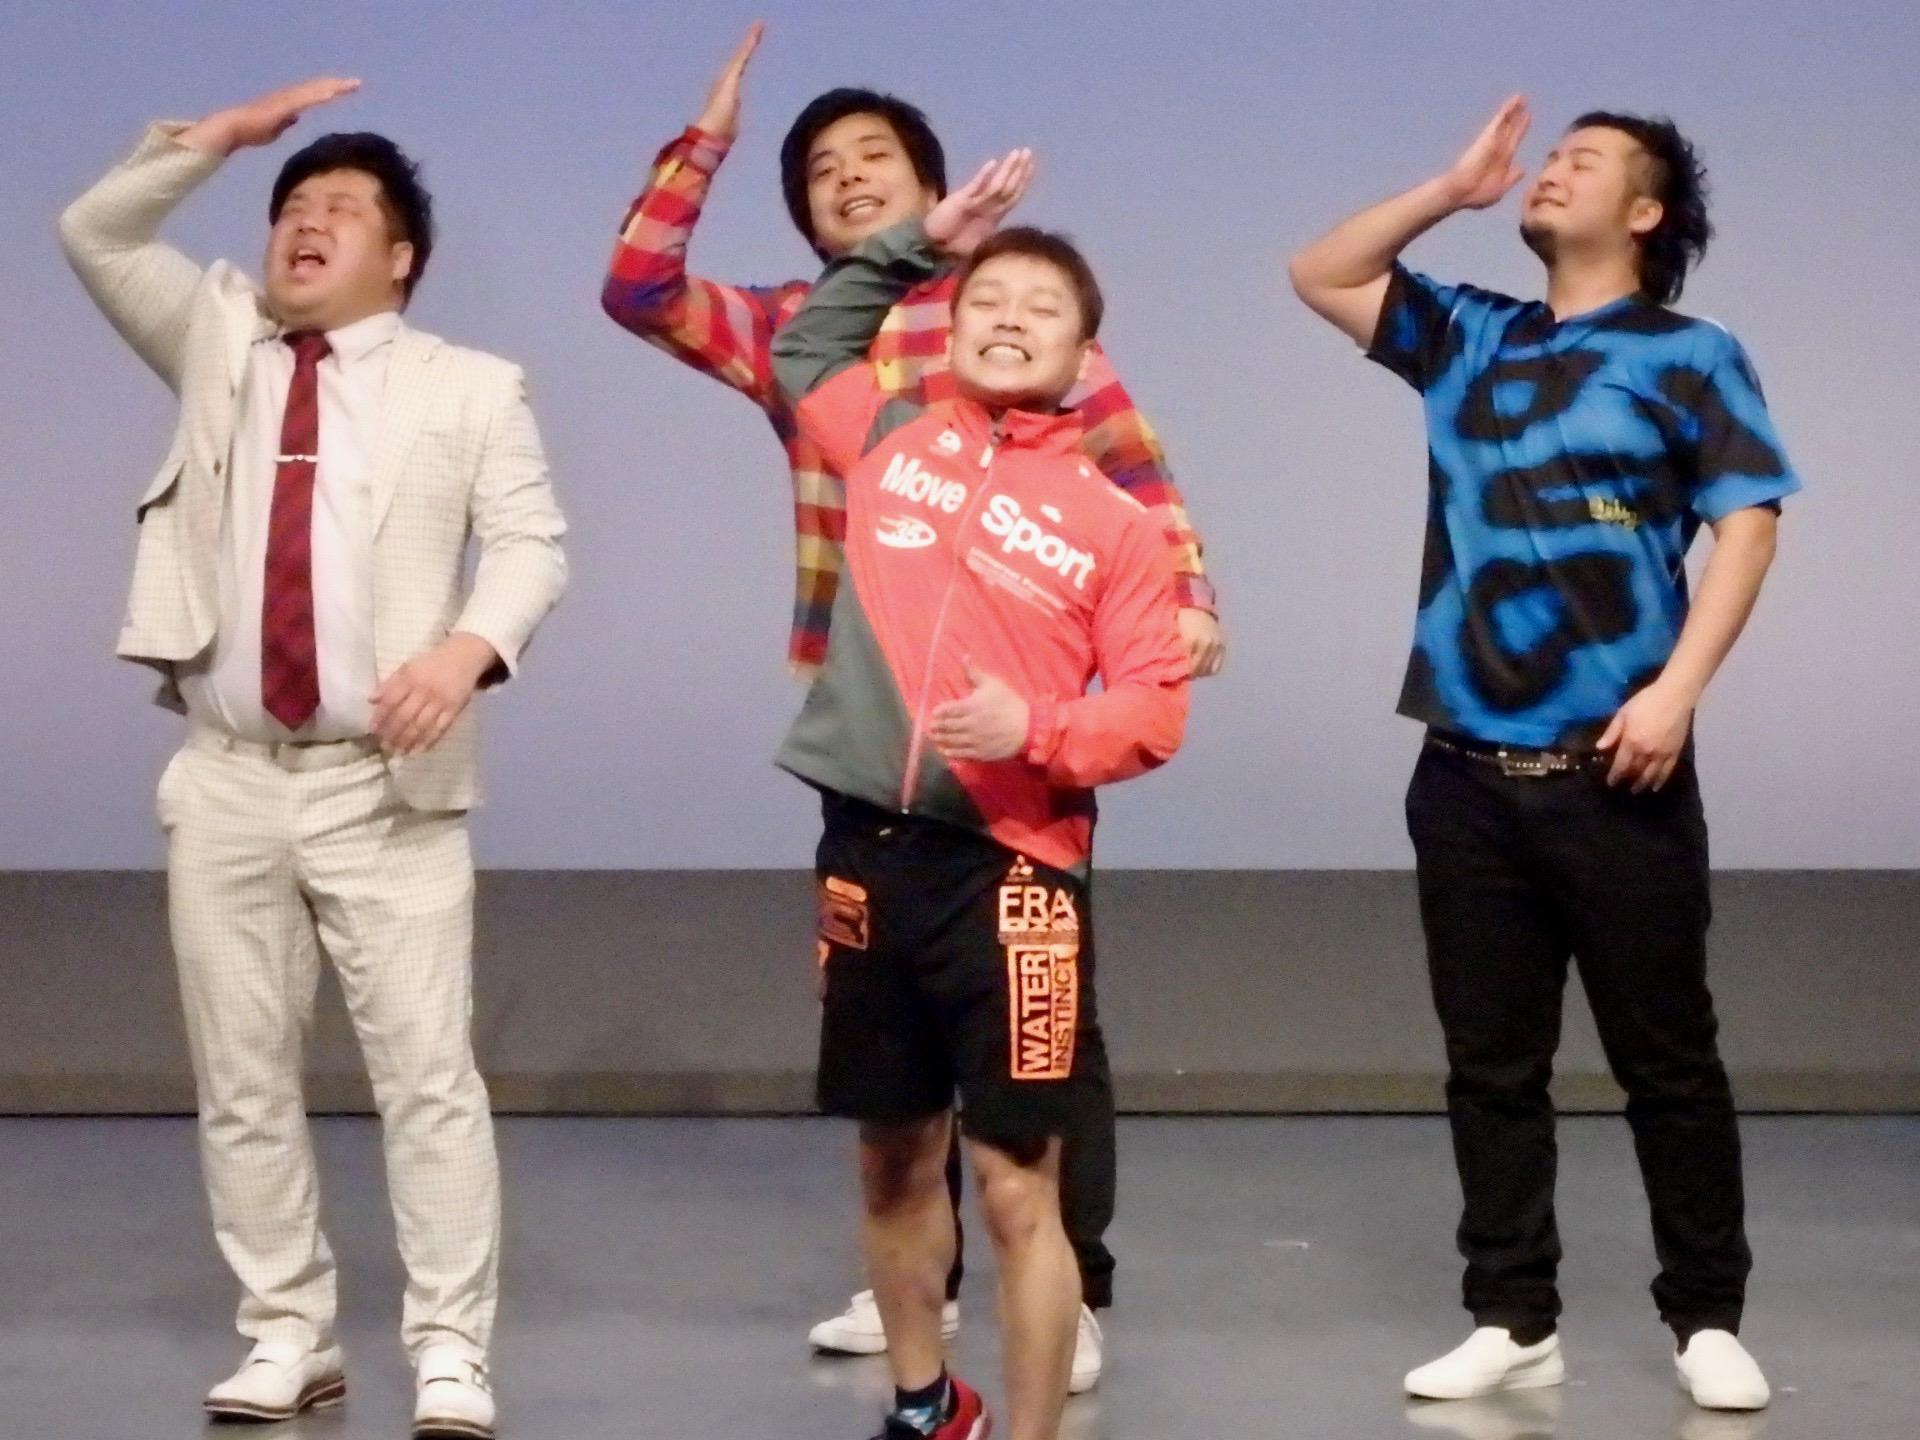 http://news.yoshimoto.co.jp/20180210000612-e271f15d209e4ab39bd5a536890aeeb4519ef5dc.jpg